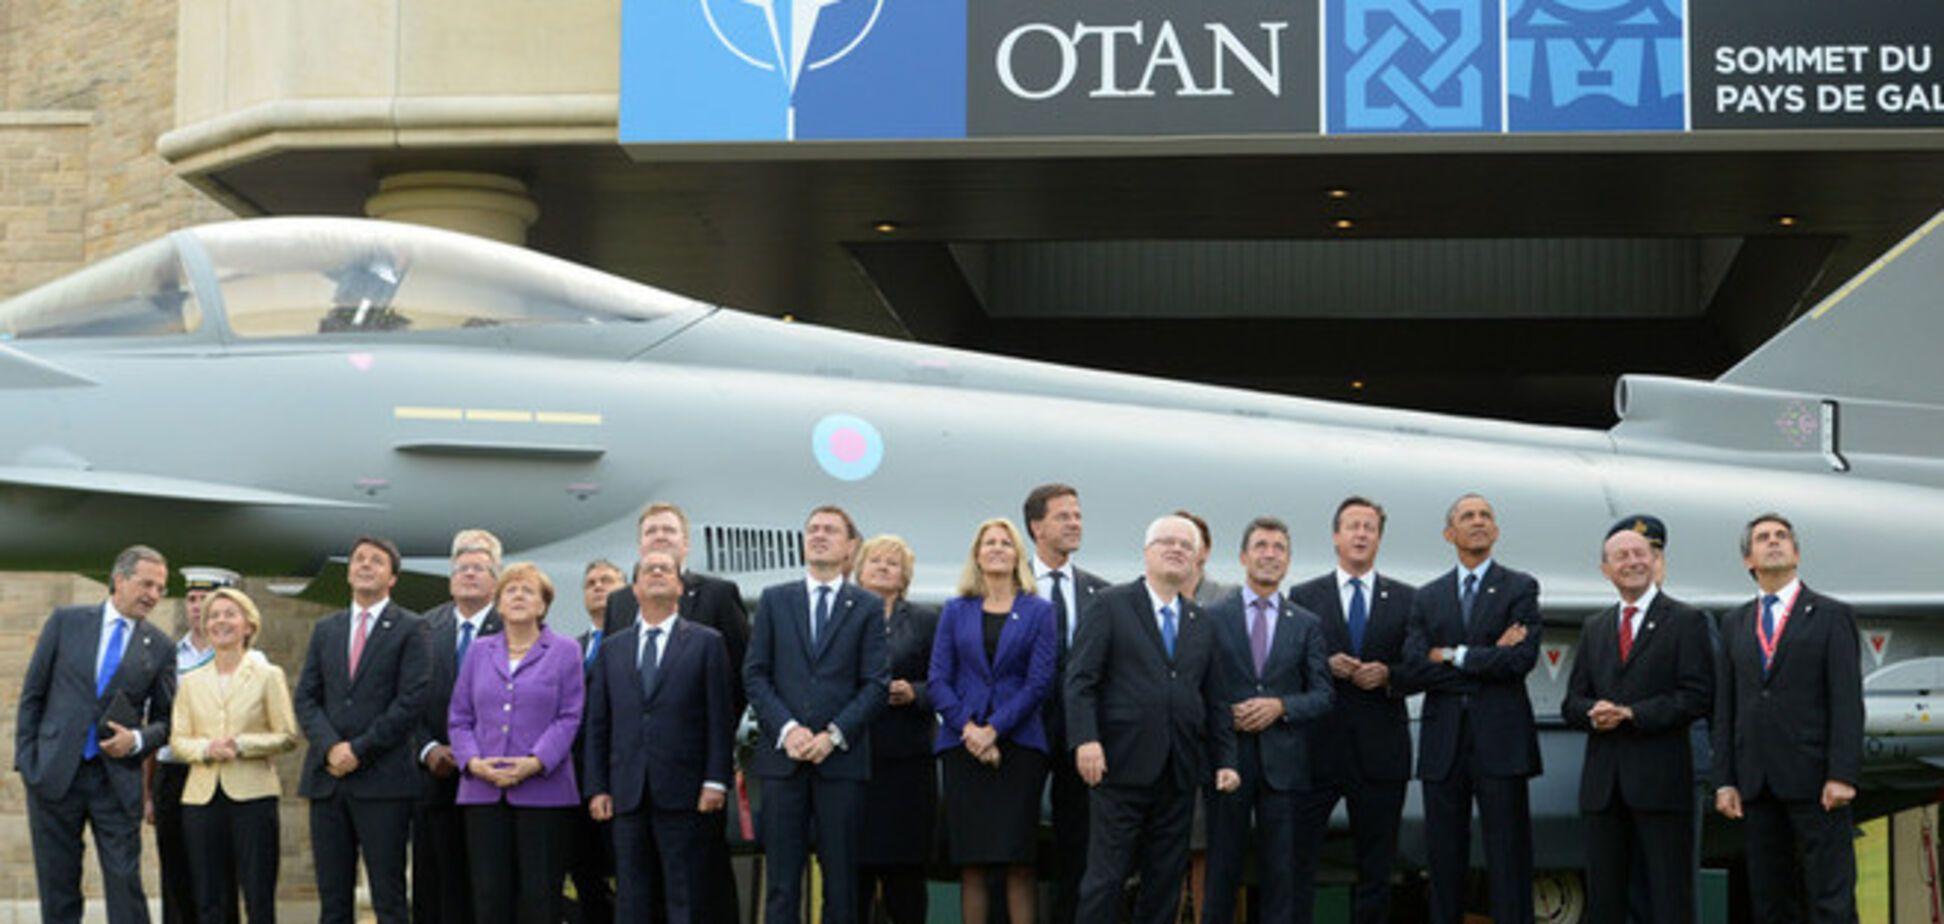 Сім країн НАТО підписали договір з прицілом на Росію